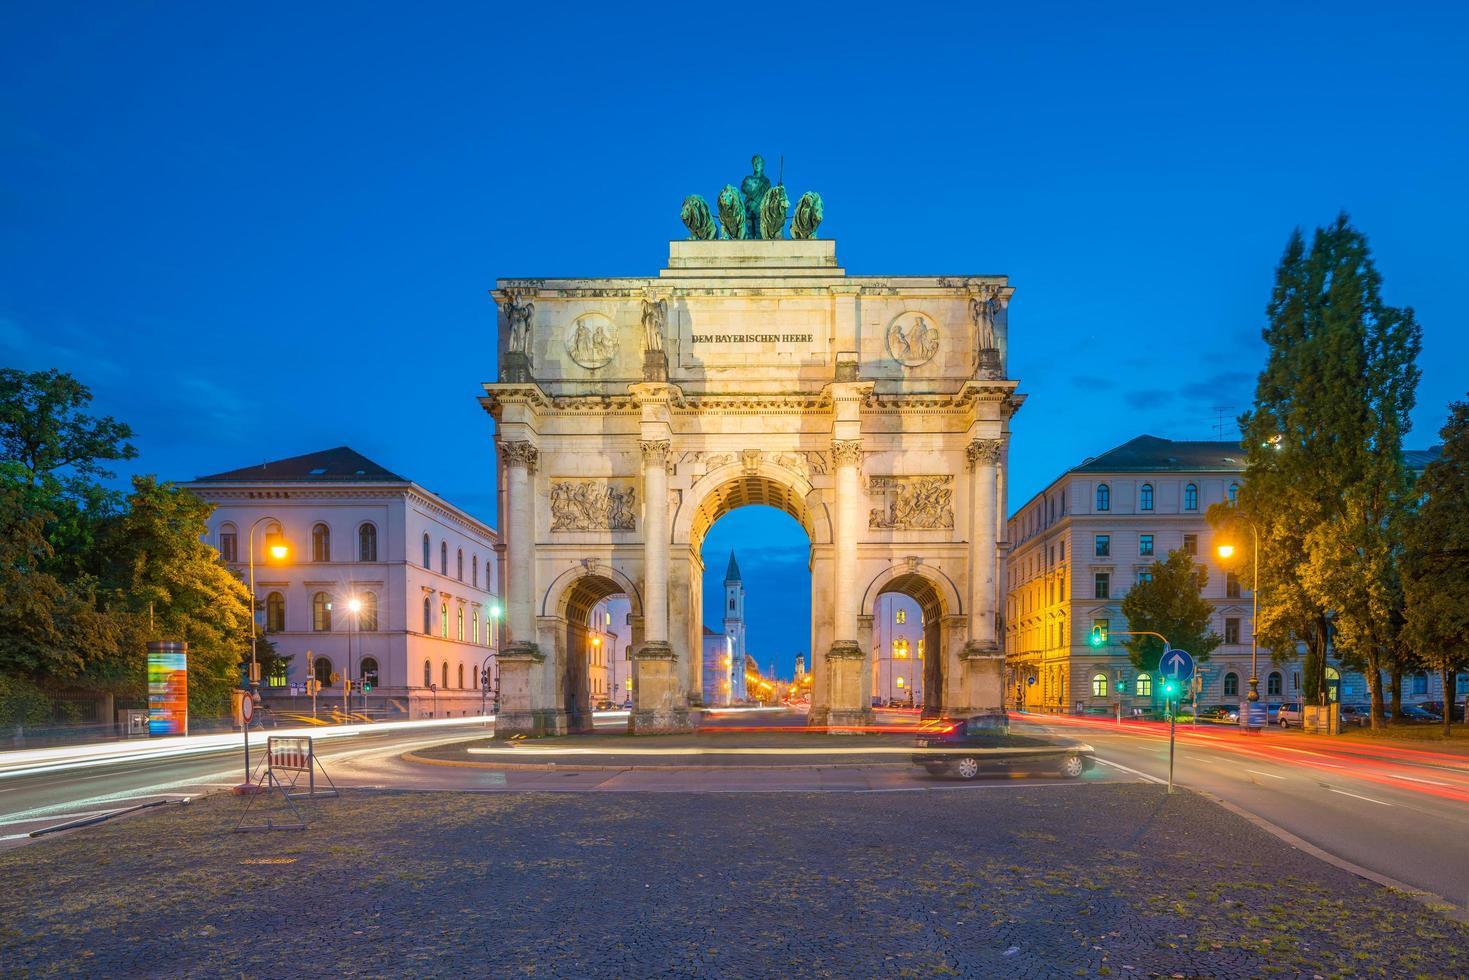 Siegestor Triumphal Arch Munich Germany photo